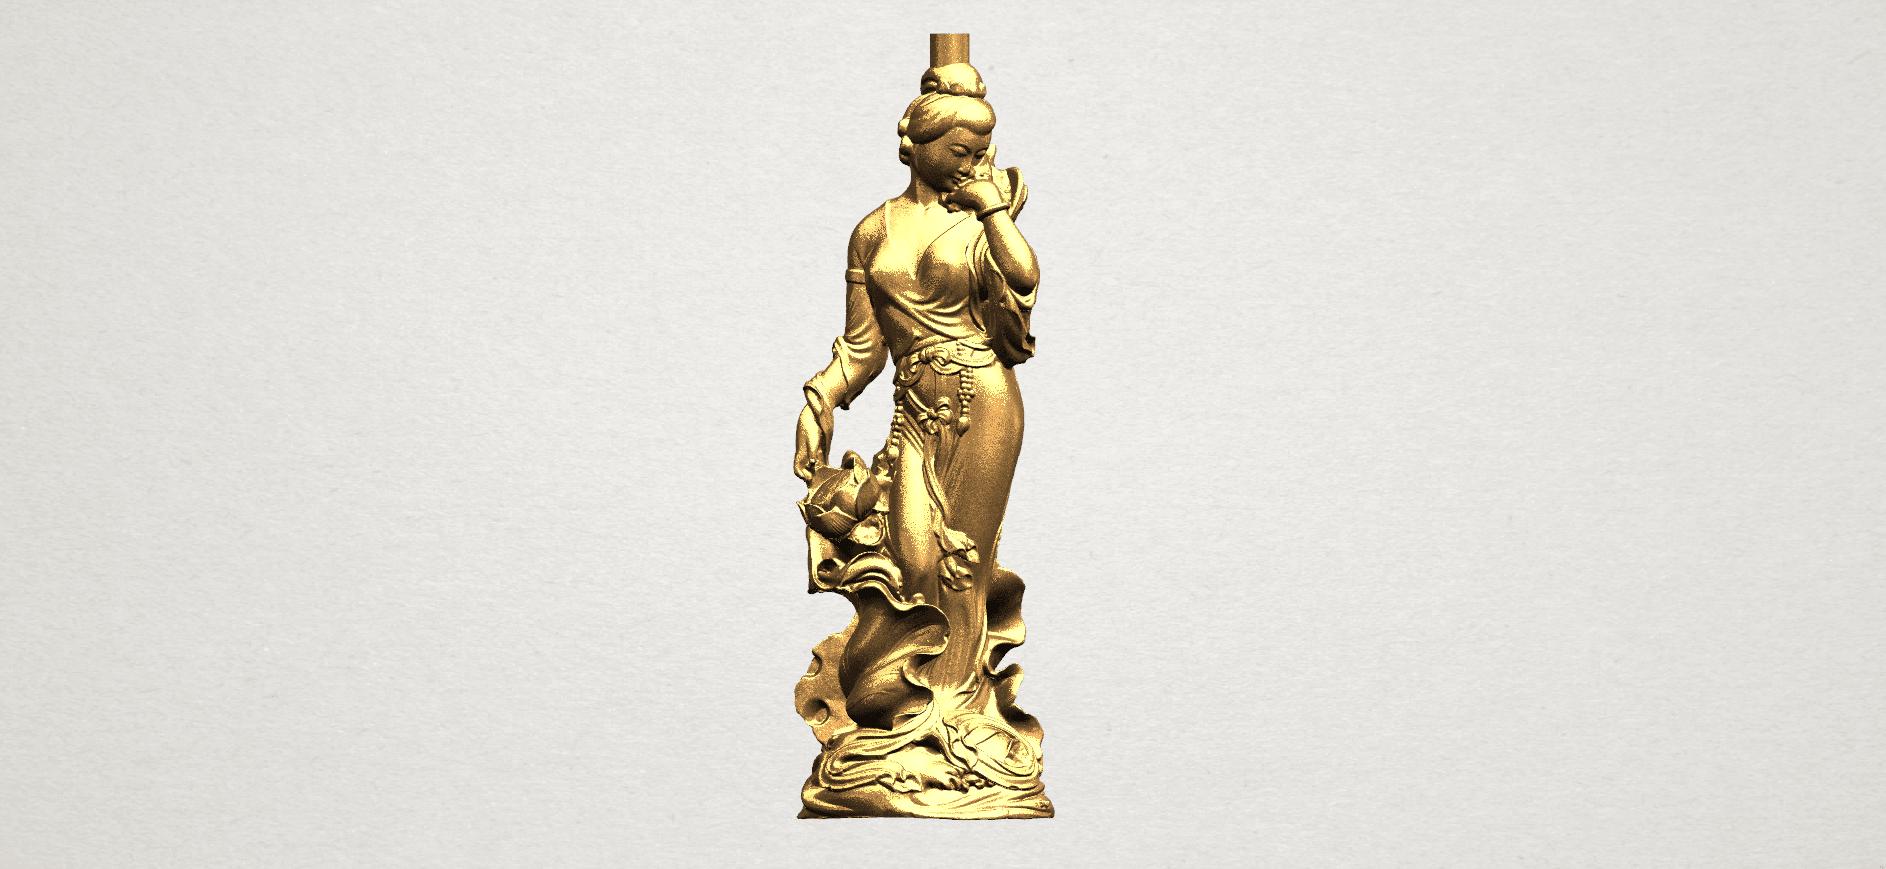 Asian Girl 03 A01.png Télécharger fichier STL gratuit Fille asiatique 03 • Design pour imprimante 3D, GeorgesNikkei